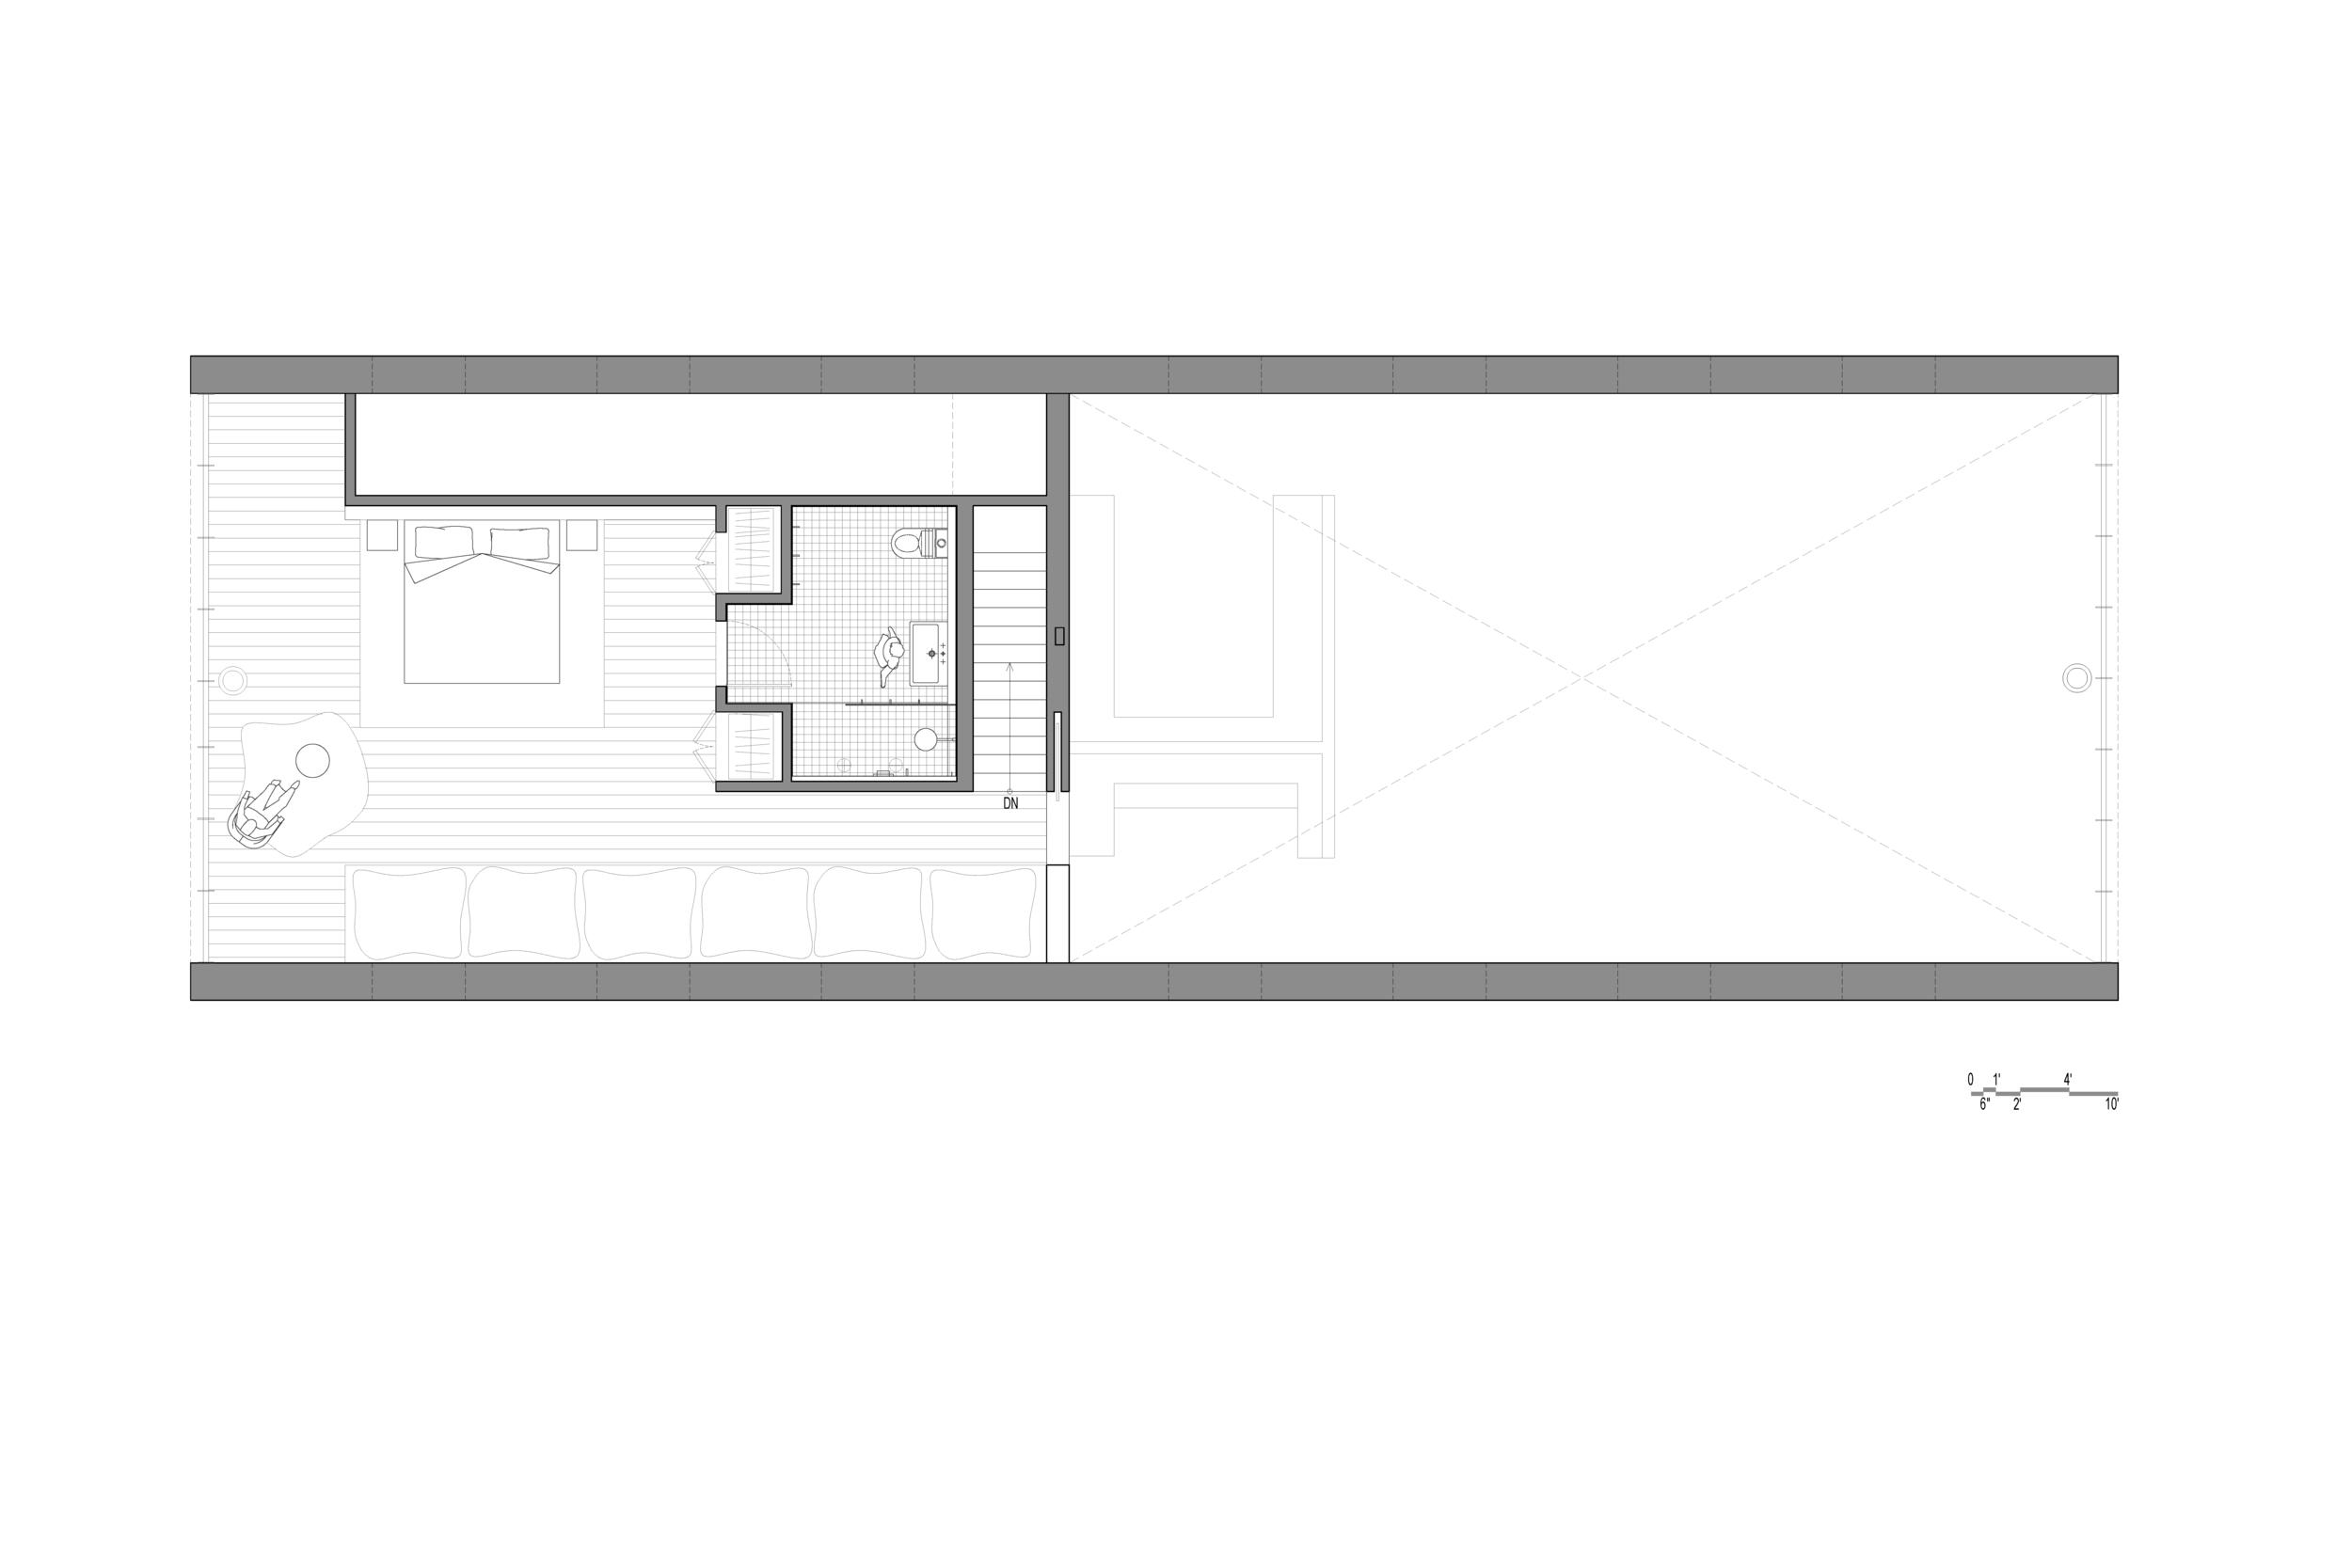 plan de la maison esprit loft. Black Bedroom Furniture Sets. Home Design Ideas